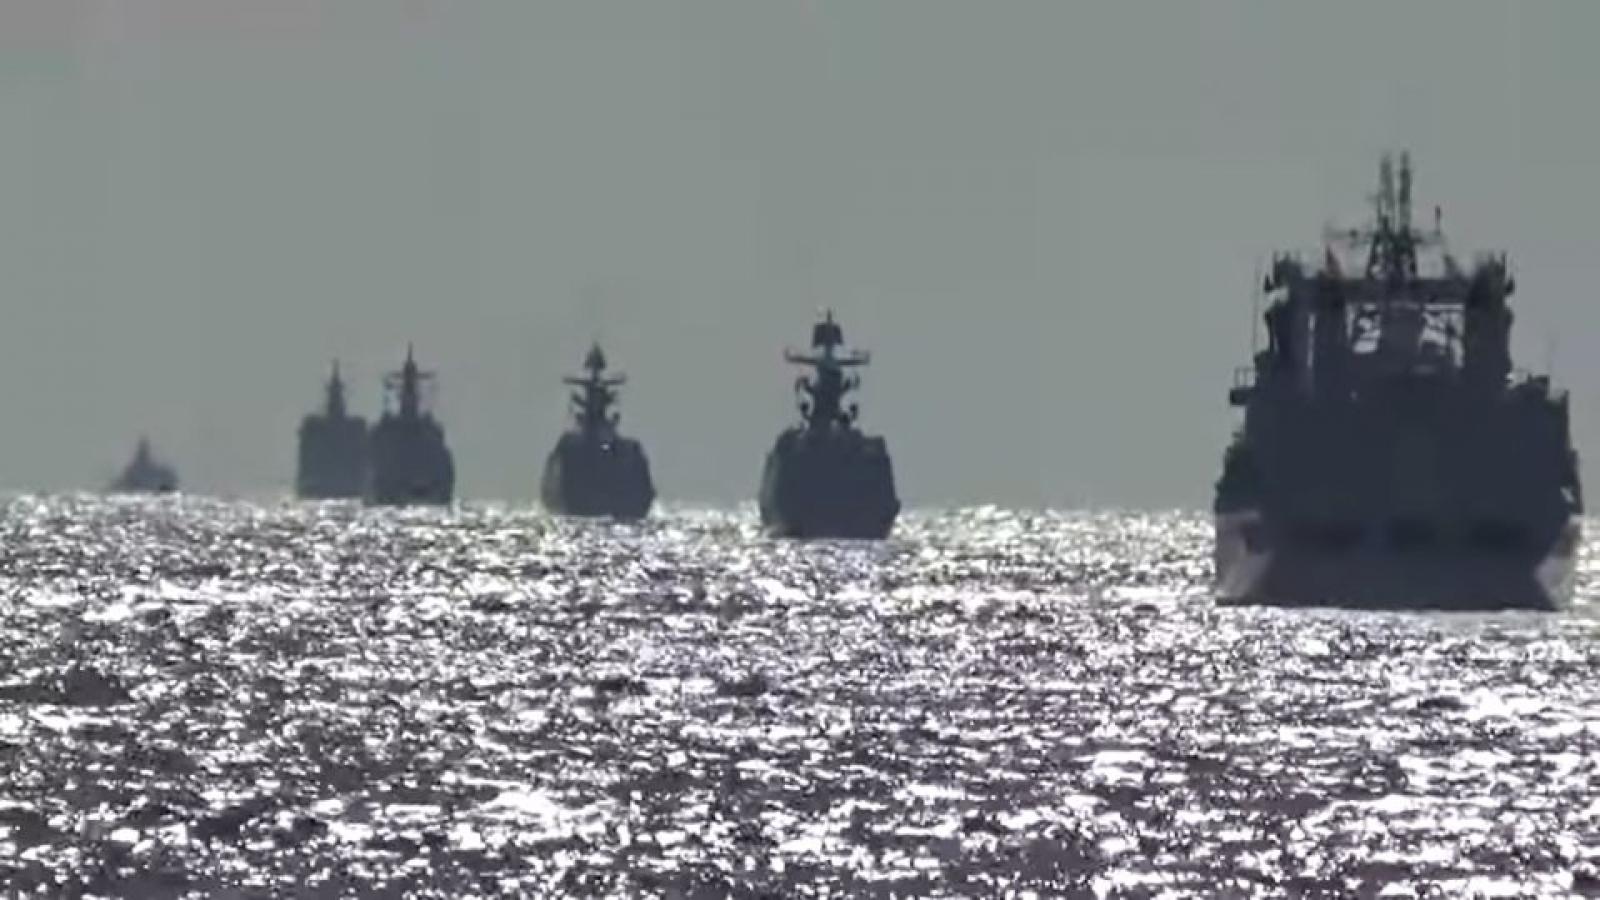 Tàu chiến Nga – Trung lần đầu tuần tra chung ở phía tây Thái Bình Dương